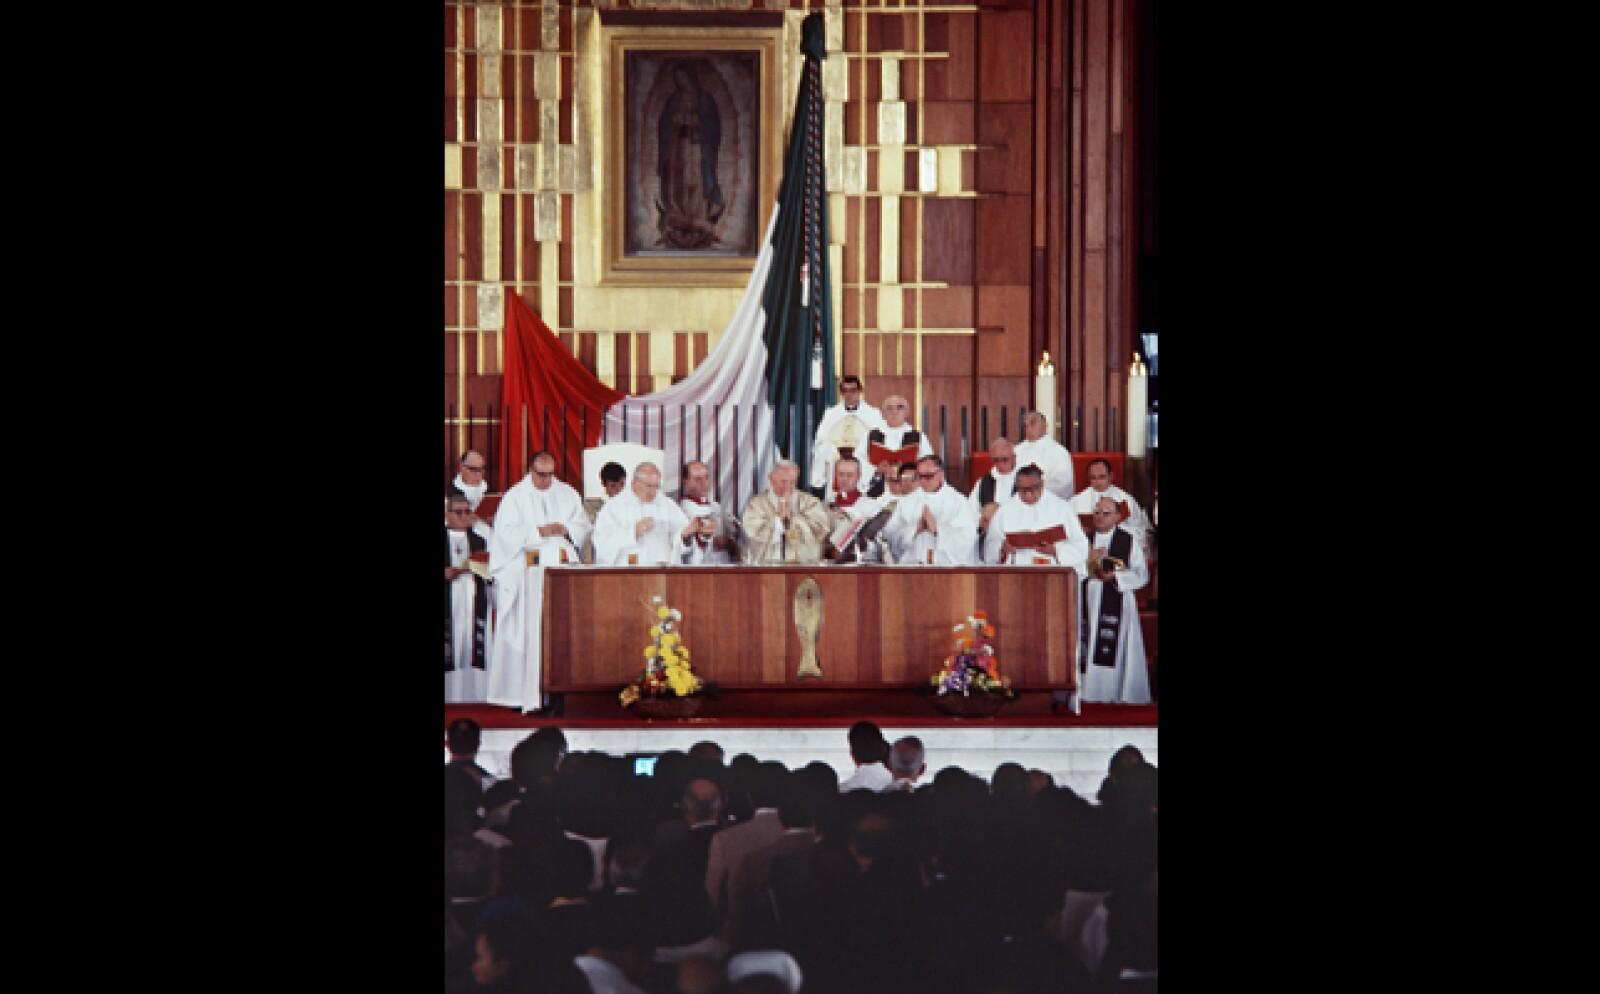 Su visita a la Virgen de Guadalupe era uno de los objetivos principales de aquella visita.